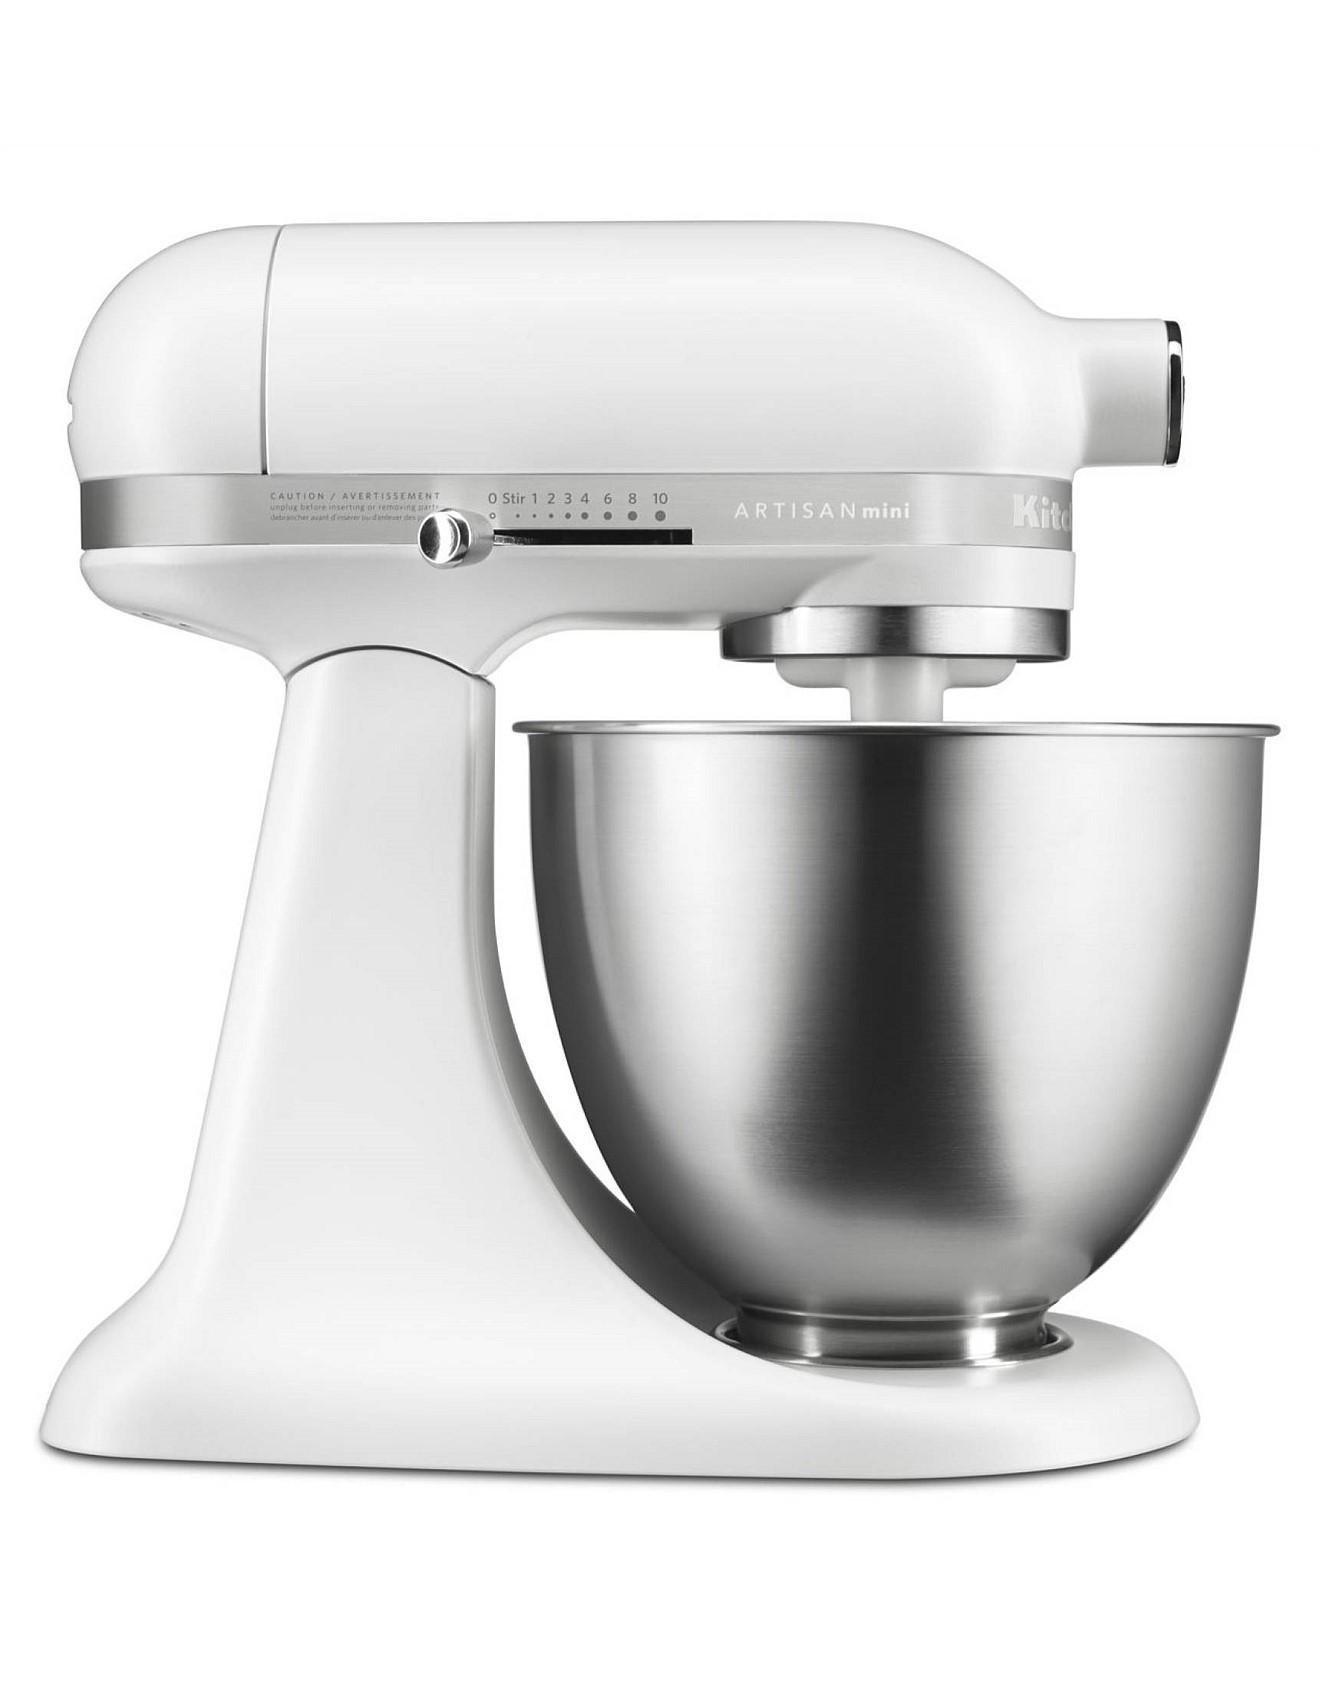 Ksm3311 Artisan Mini Stand Mixer White